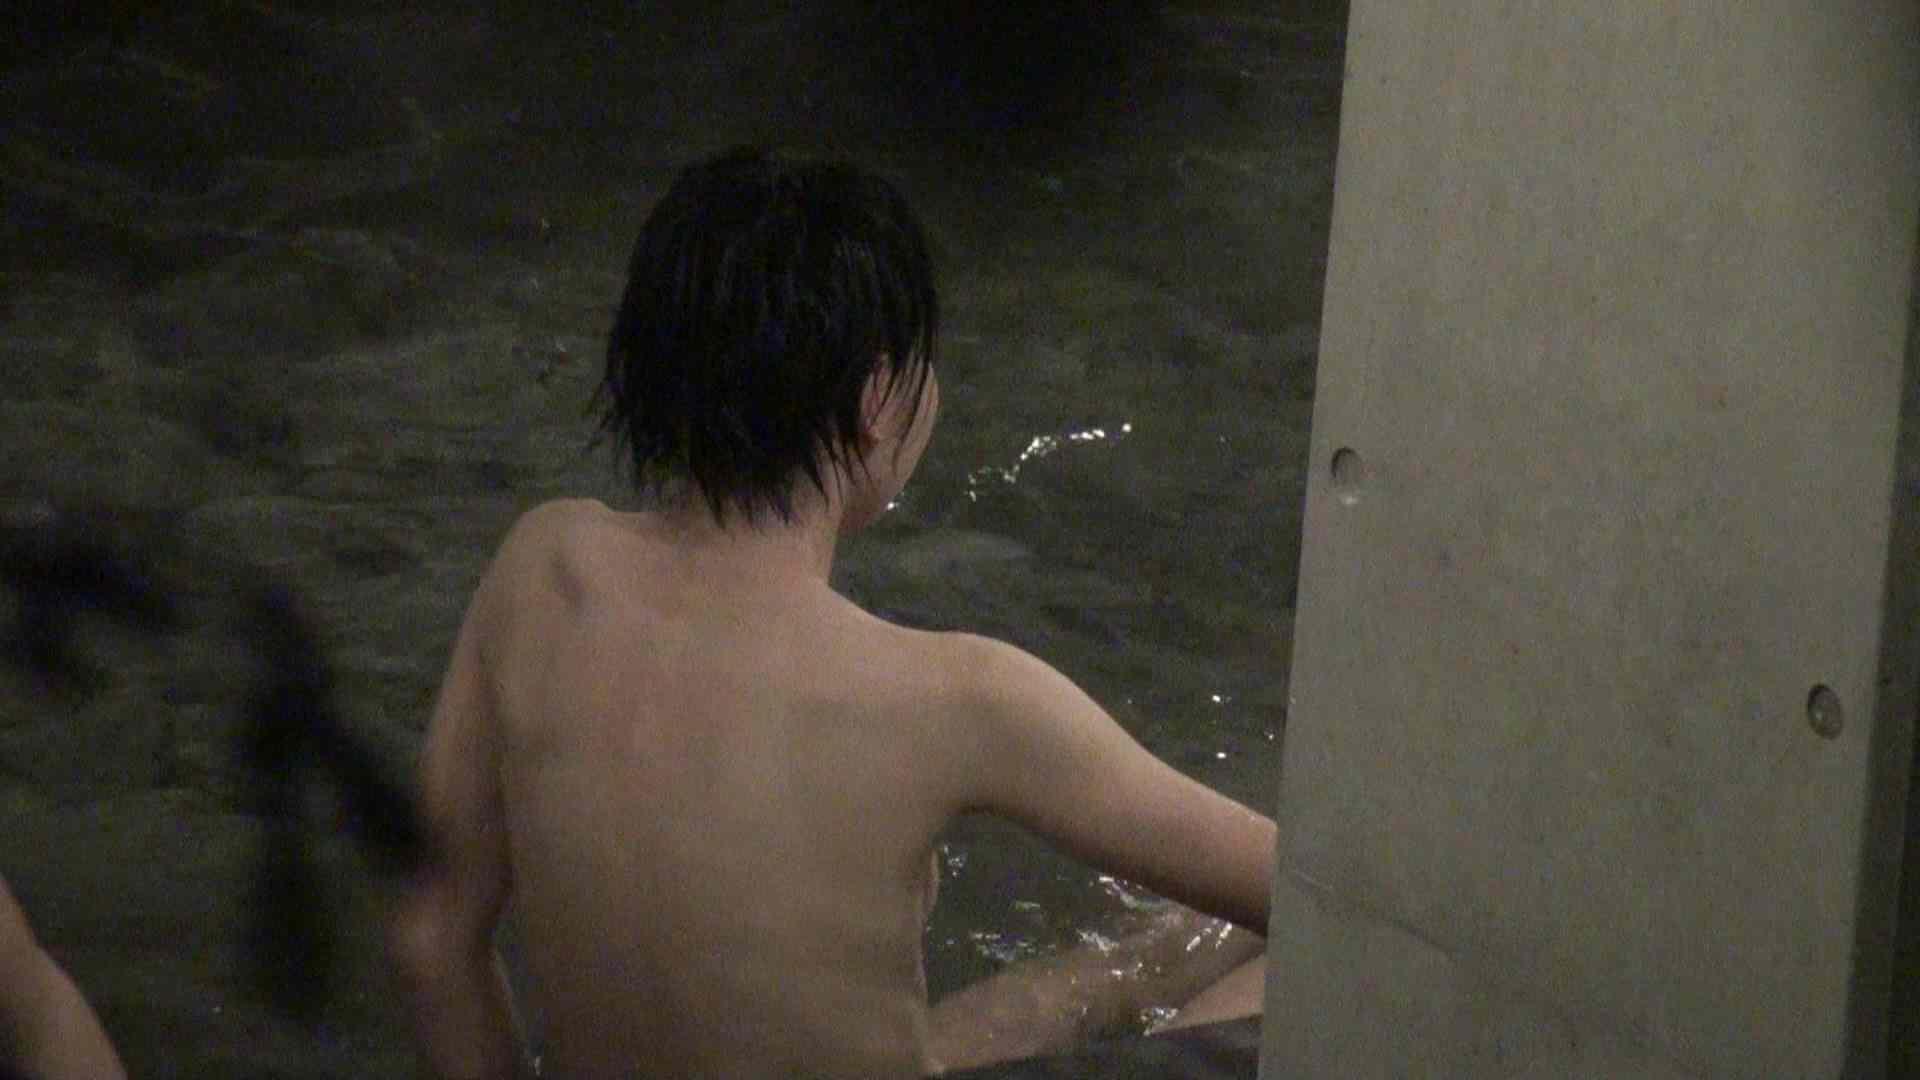 Aquaな露天風呂Vol.323 露天 | 盗撮特集  86画像 52